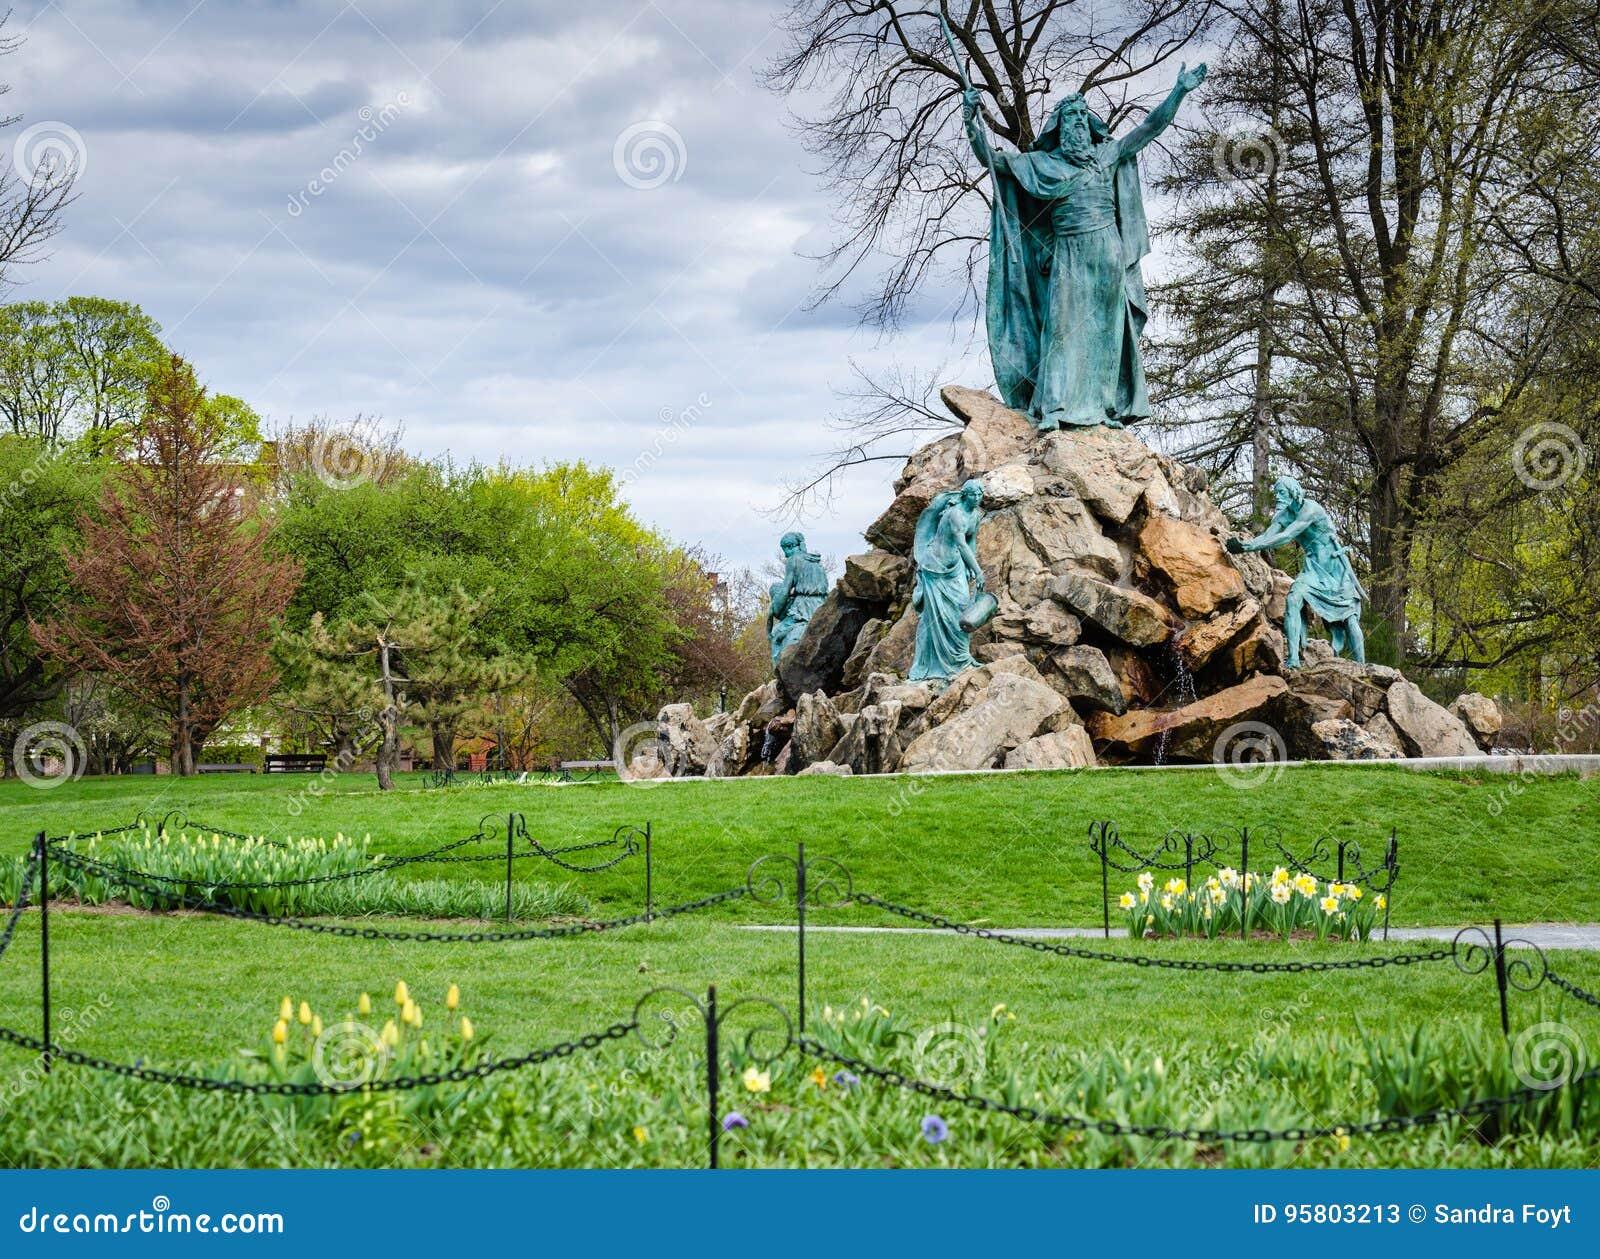 Koning Memorial Fountain - Washington Park - Albany, New York